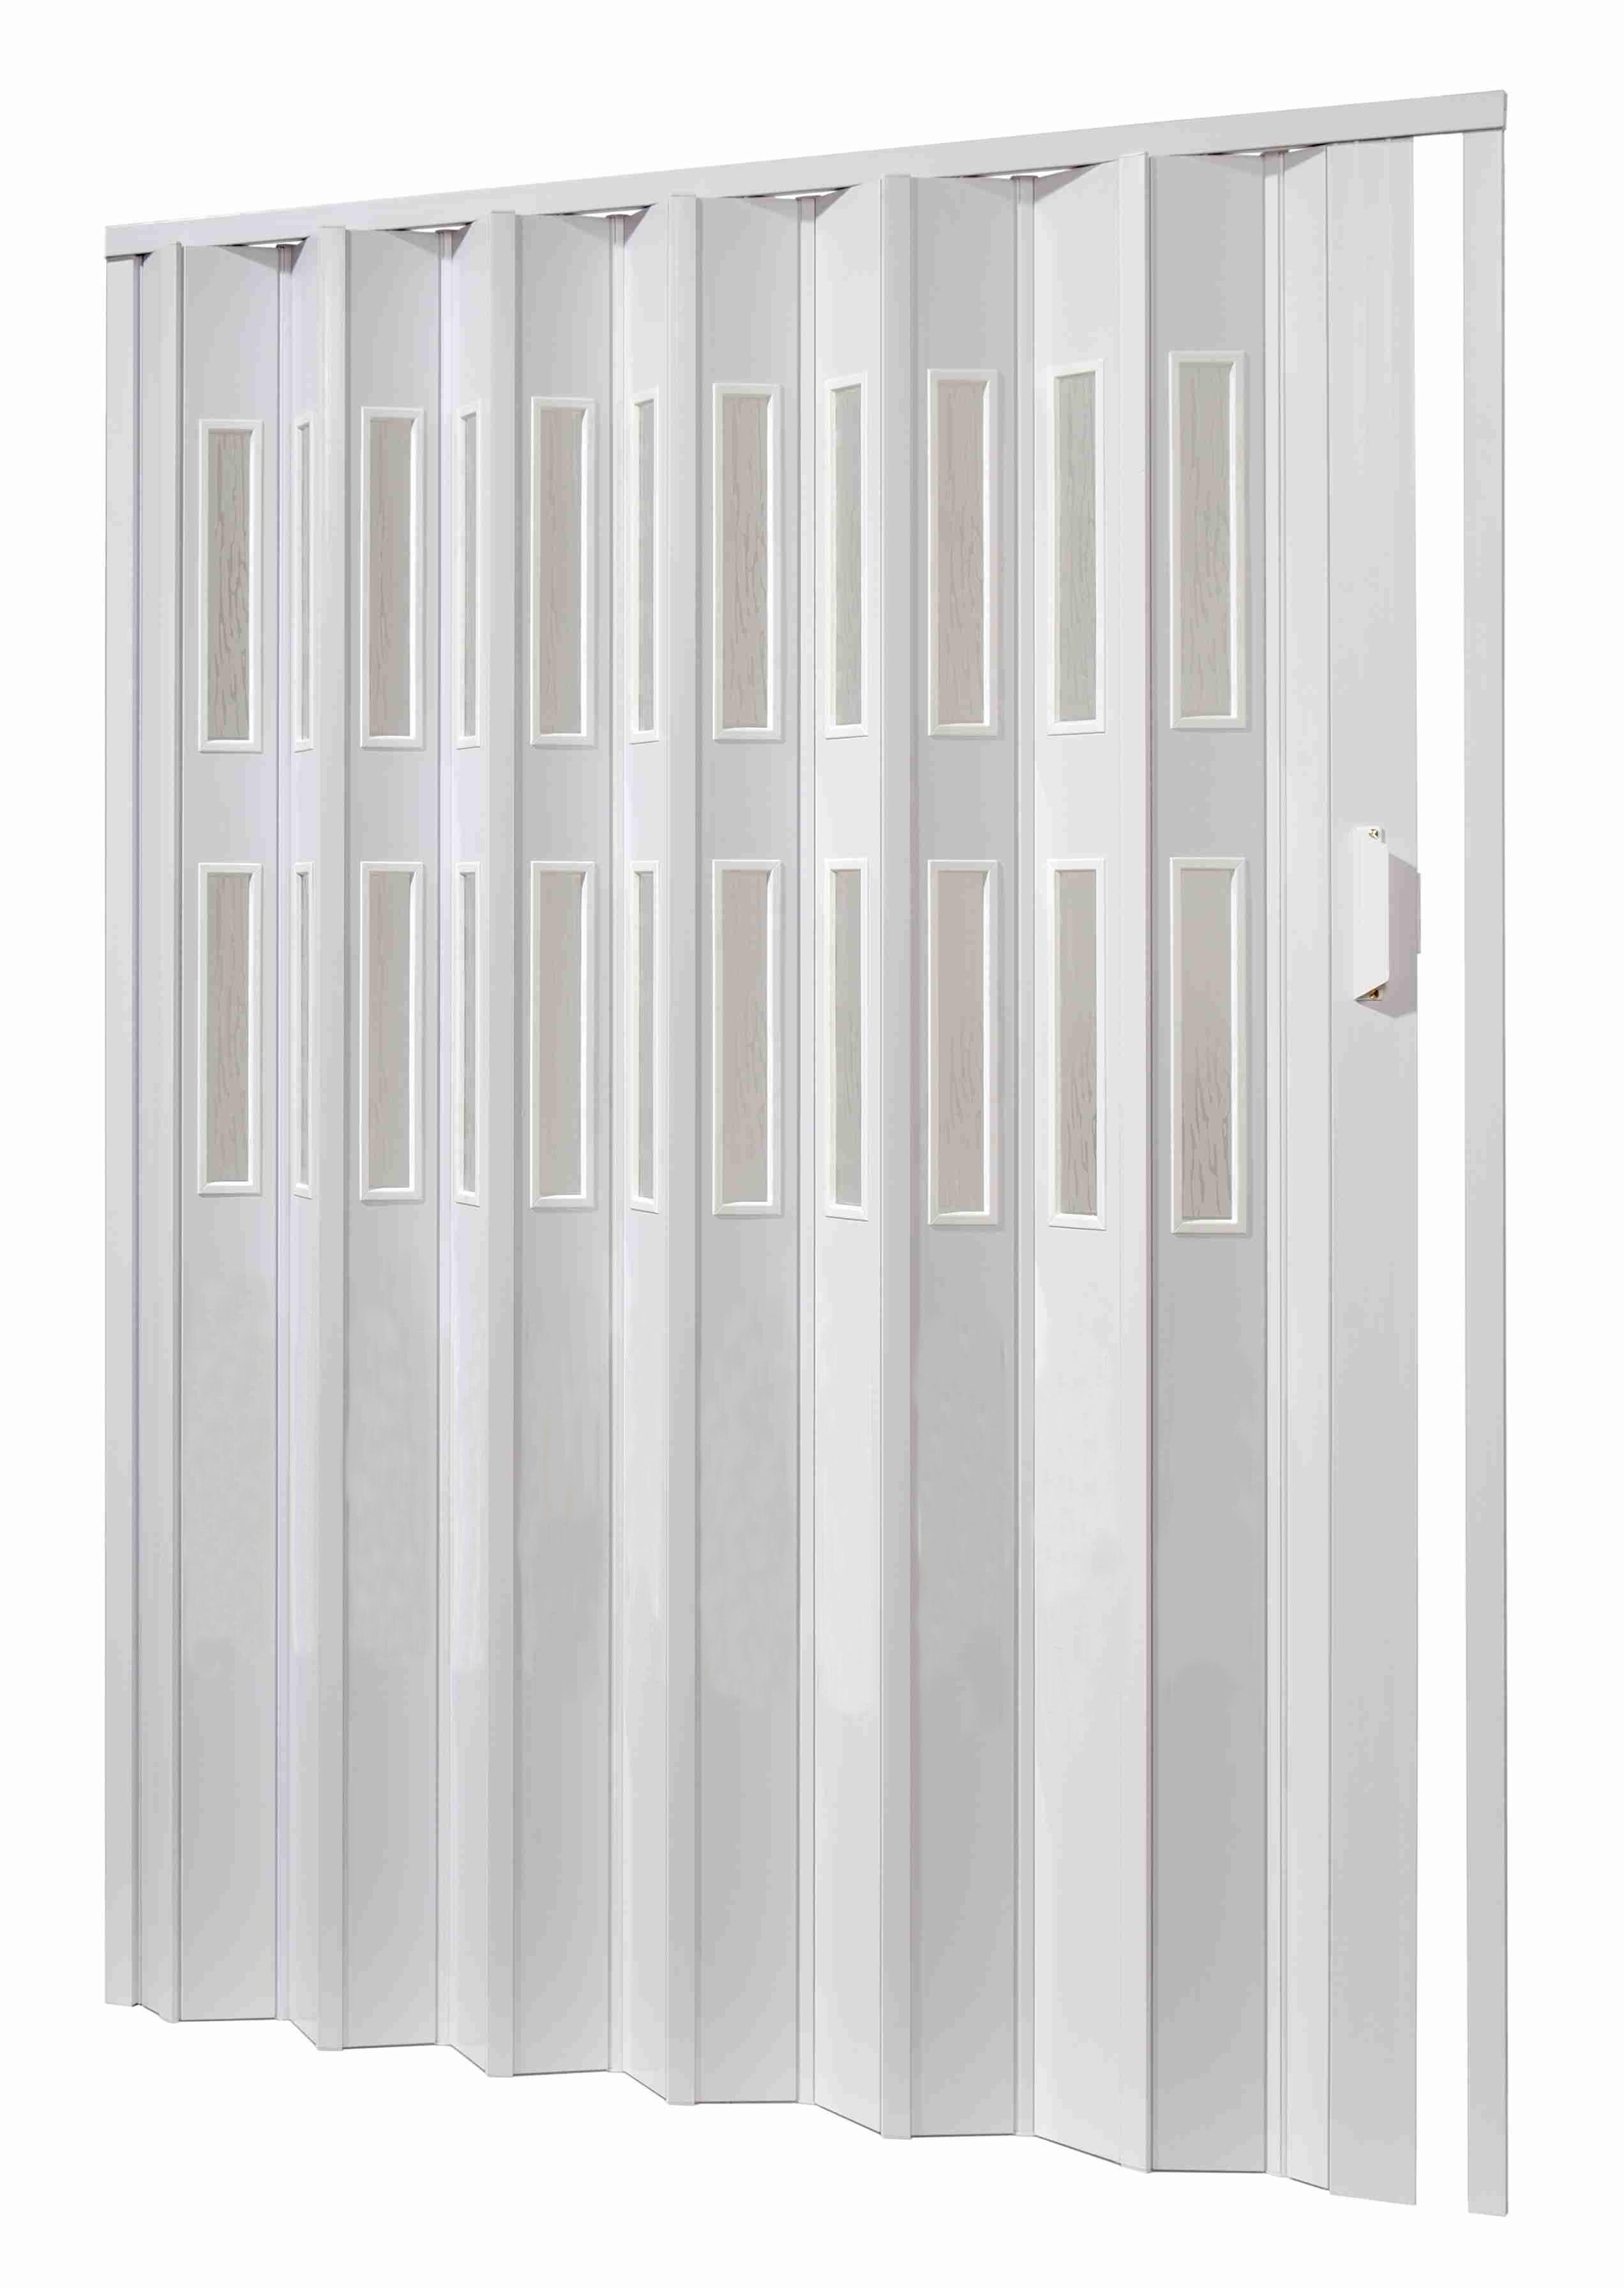 Shrnovací dveře plastové PETROMILA 138x200cm ODSTÍN: BÍLÁ, TYP DVEŘÍ: plné